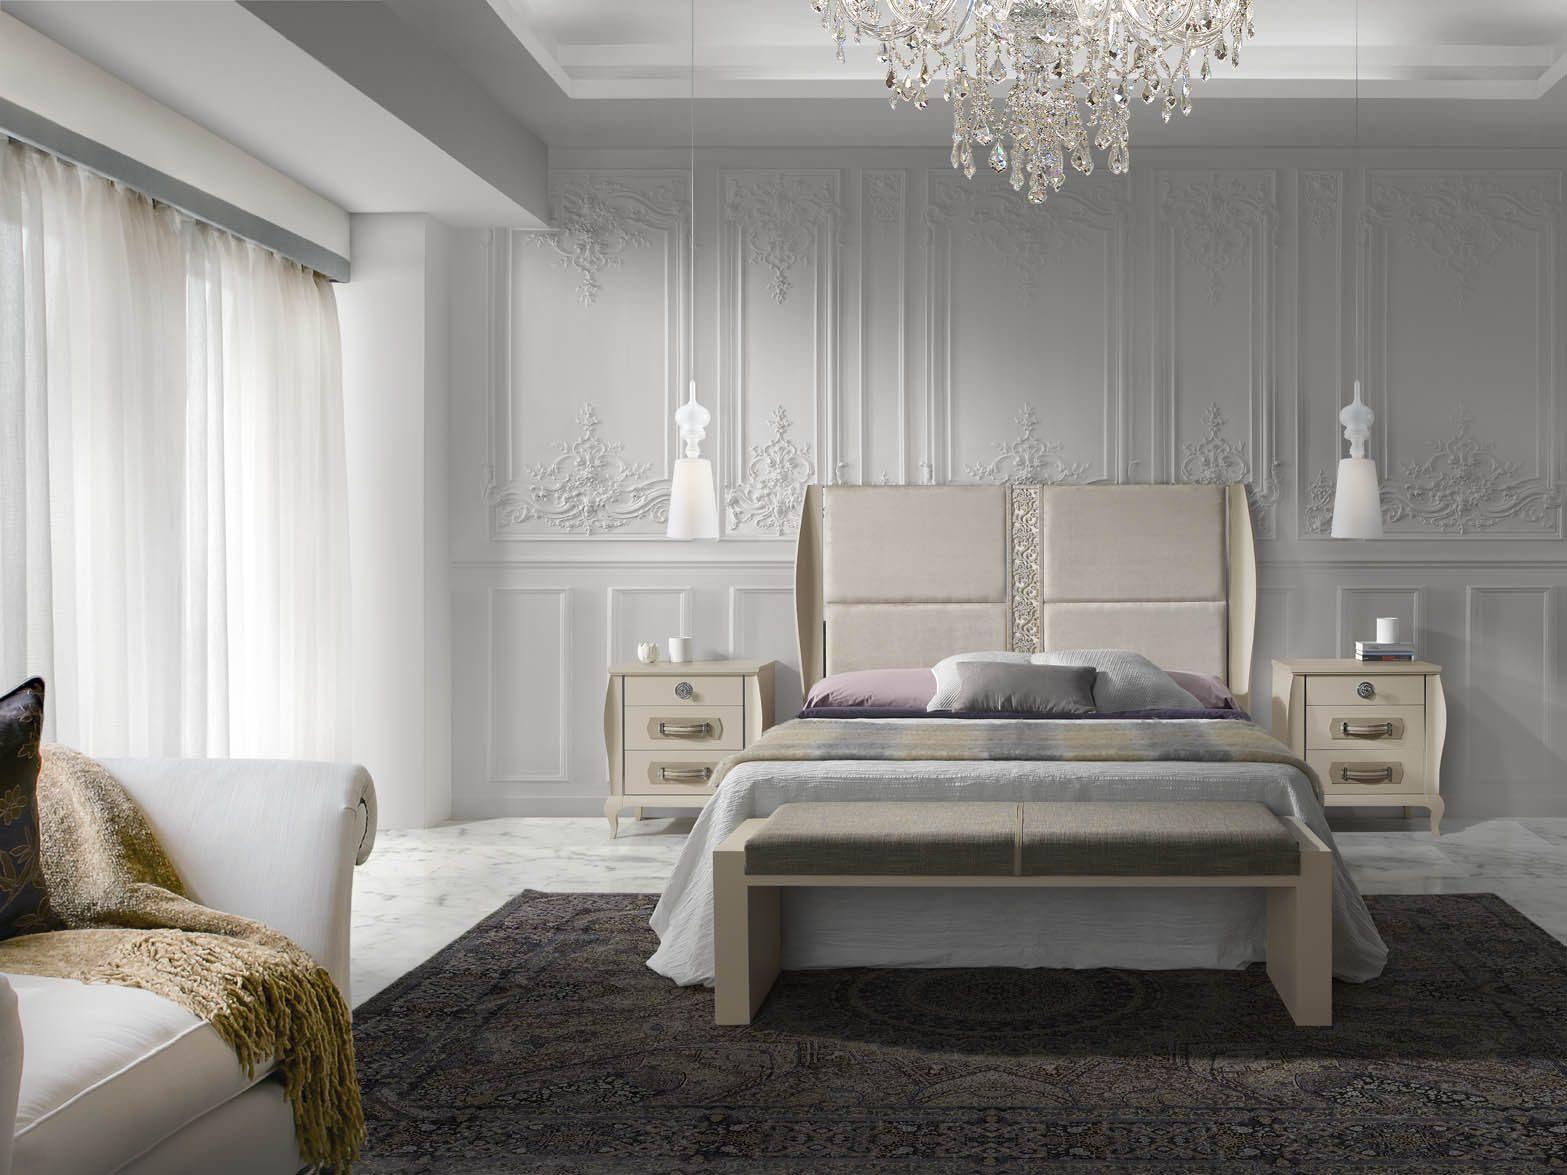 Dormitorios Queen Mobiliario Hd # Muebles Texturados